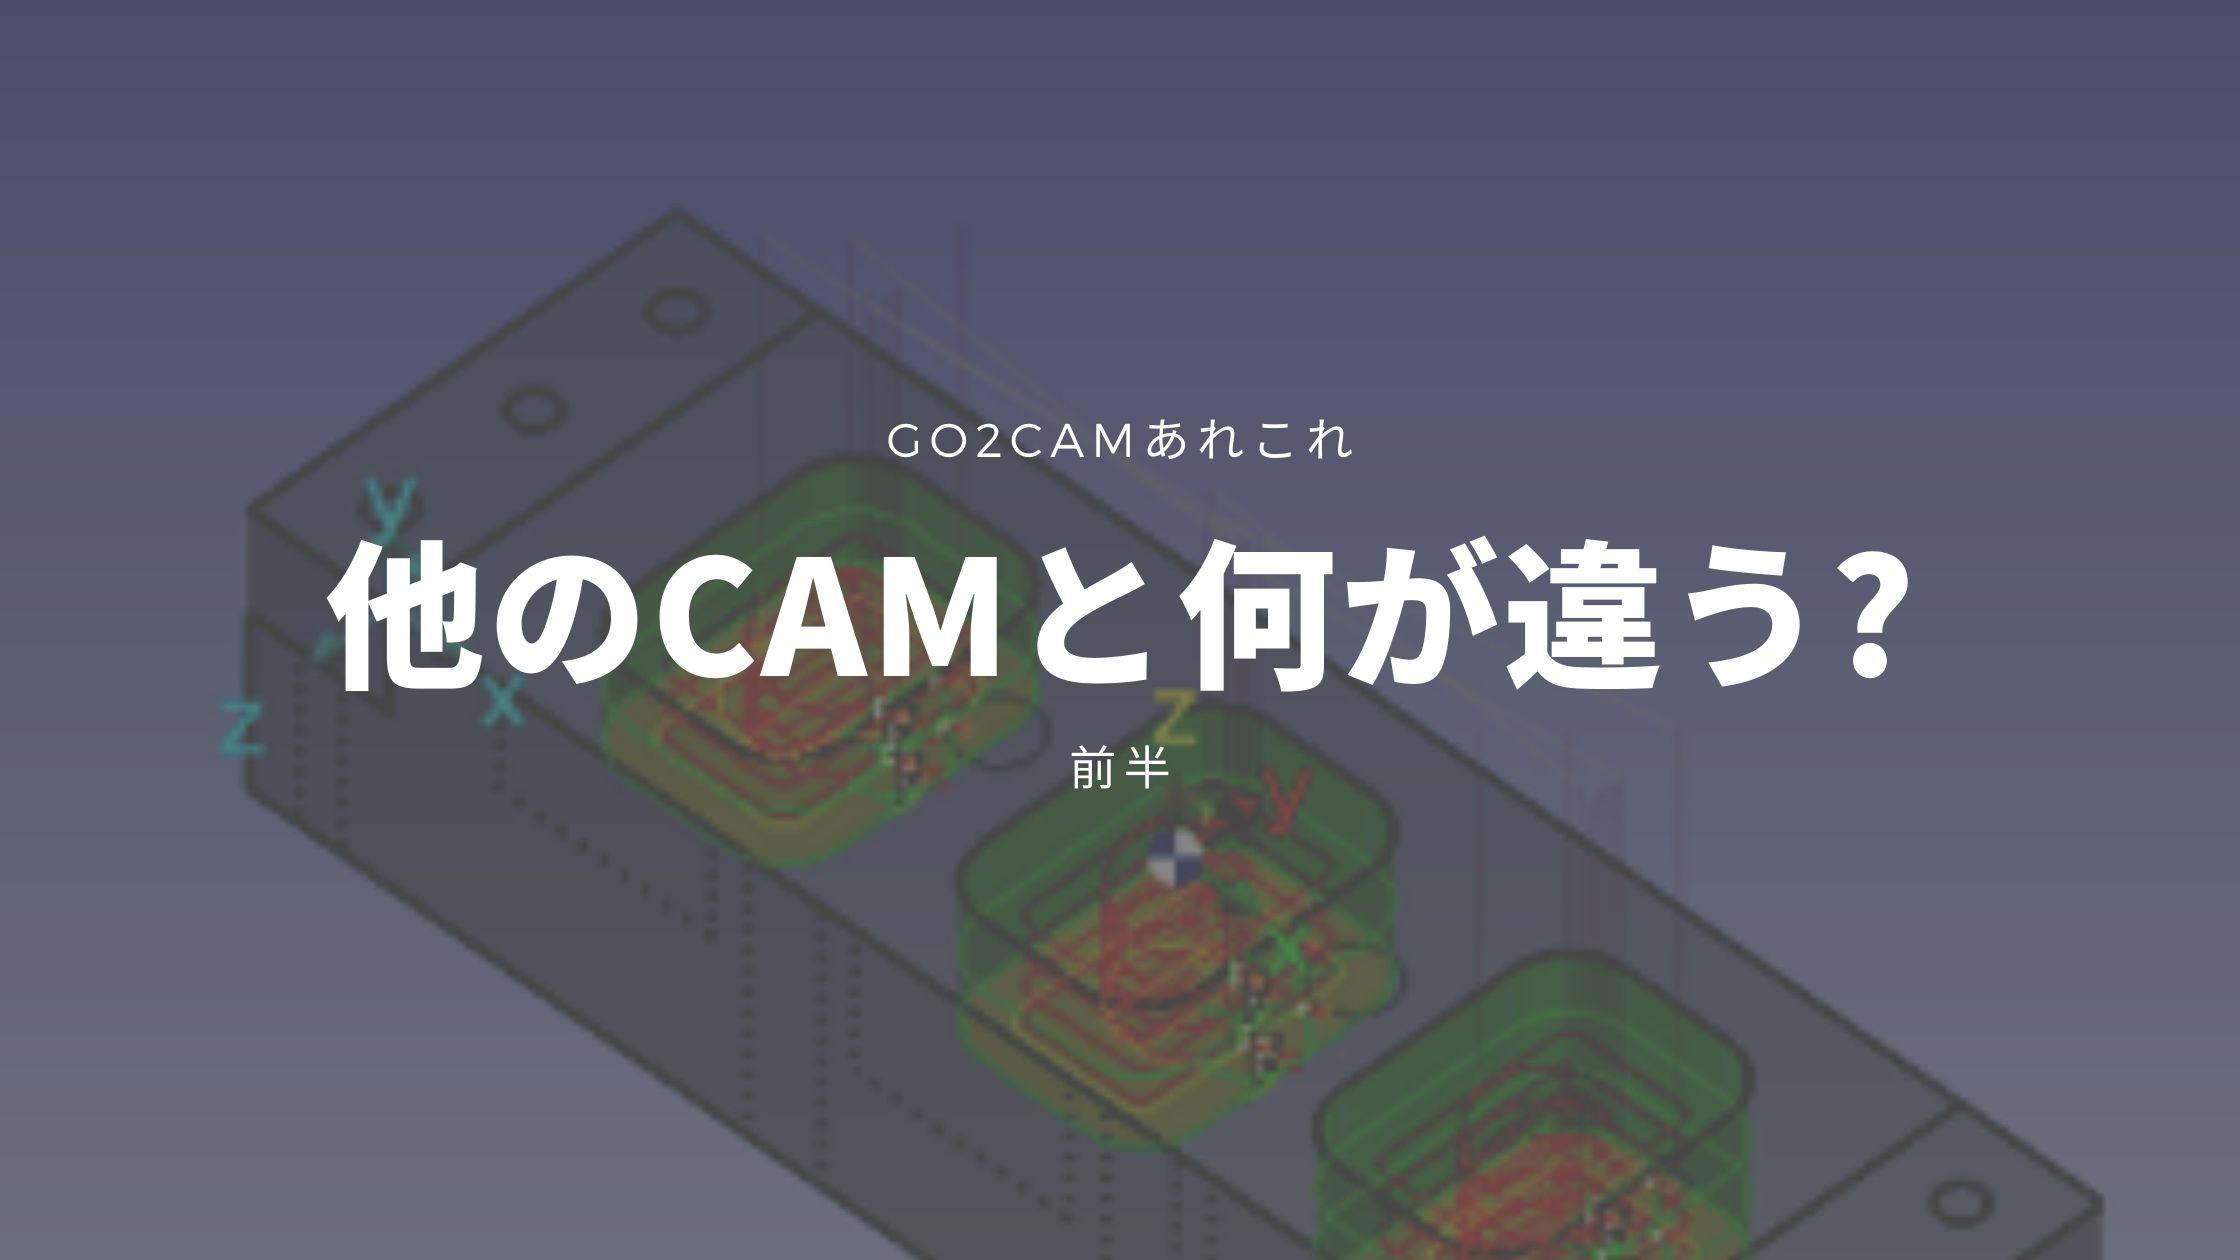 【前半】他のCAMと何が違う? #井戸【部品加工用CAD/CAM GO2cam】